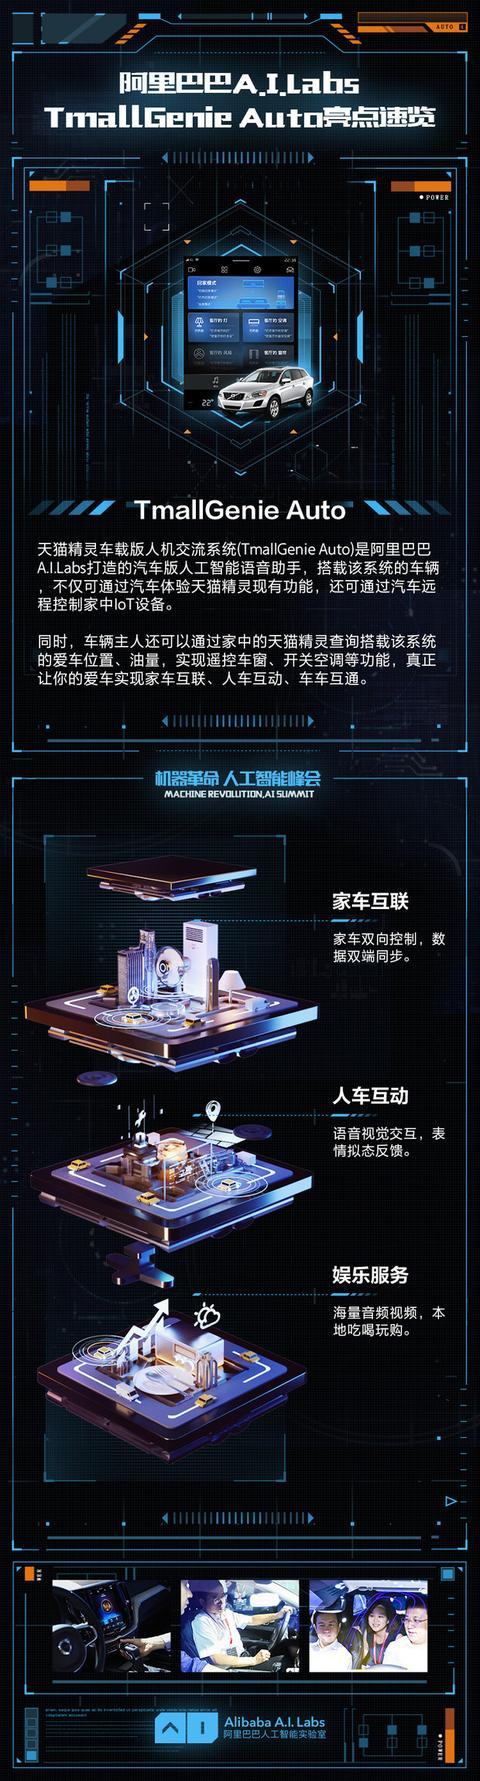 人工智能实验室设备(上汽人工智能实验室)